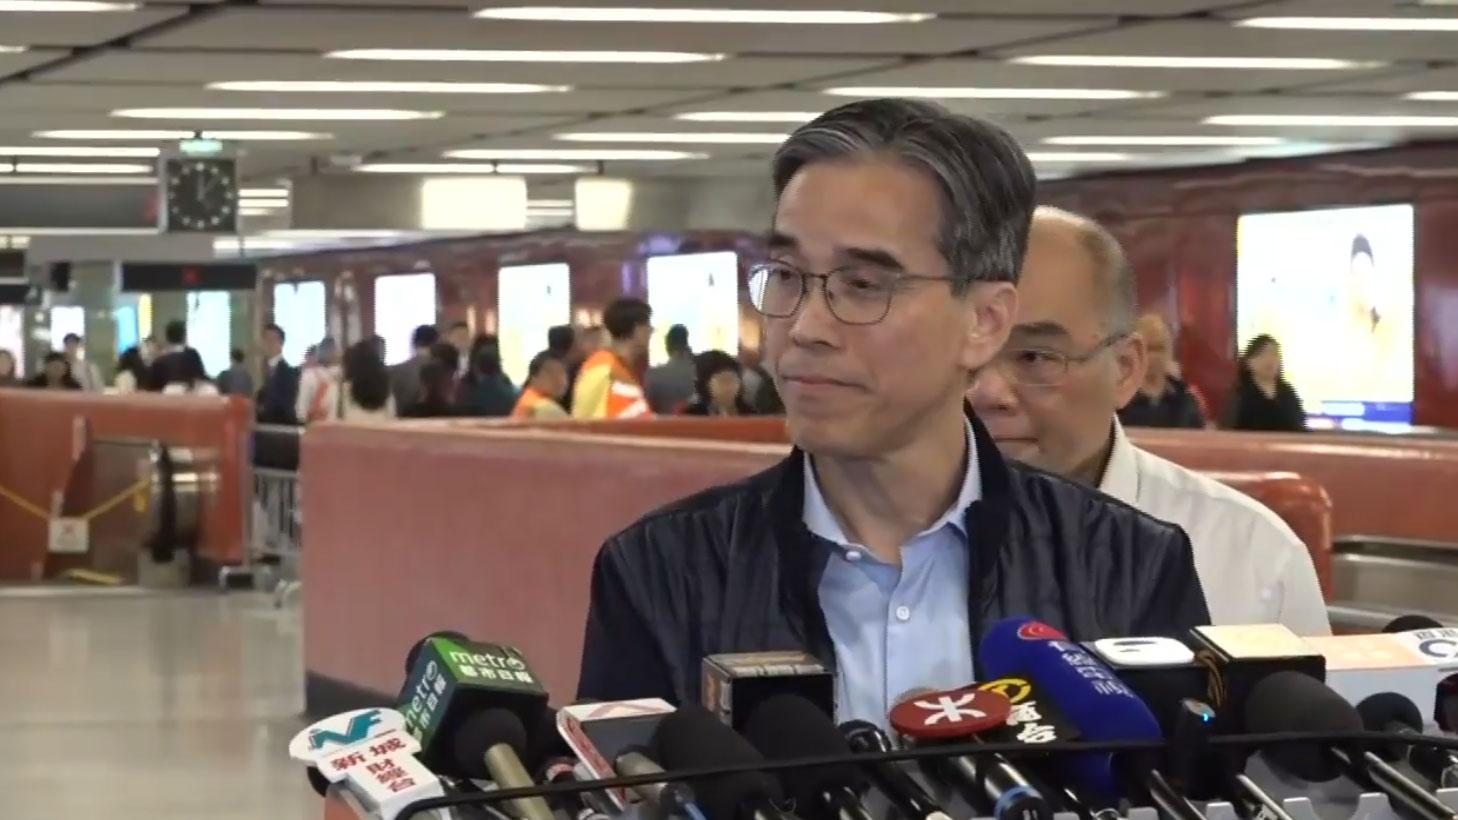 资料图片:港铁车务总监刘天成。(脸书视频截图)